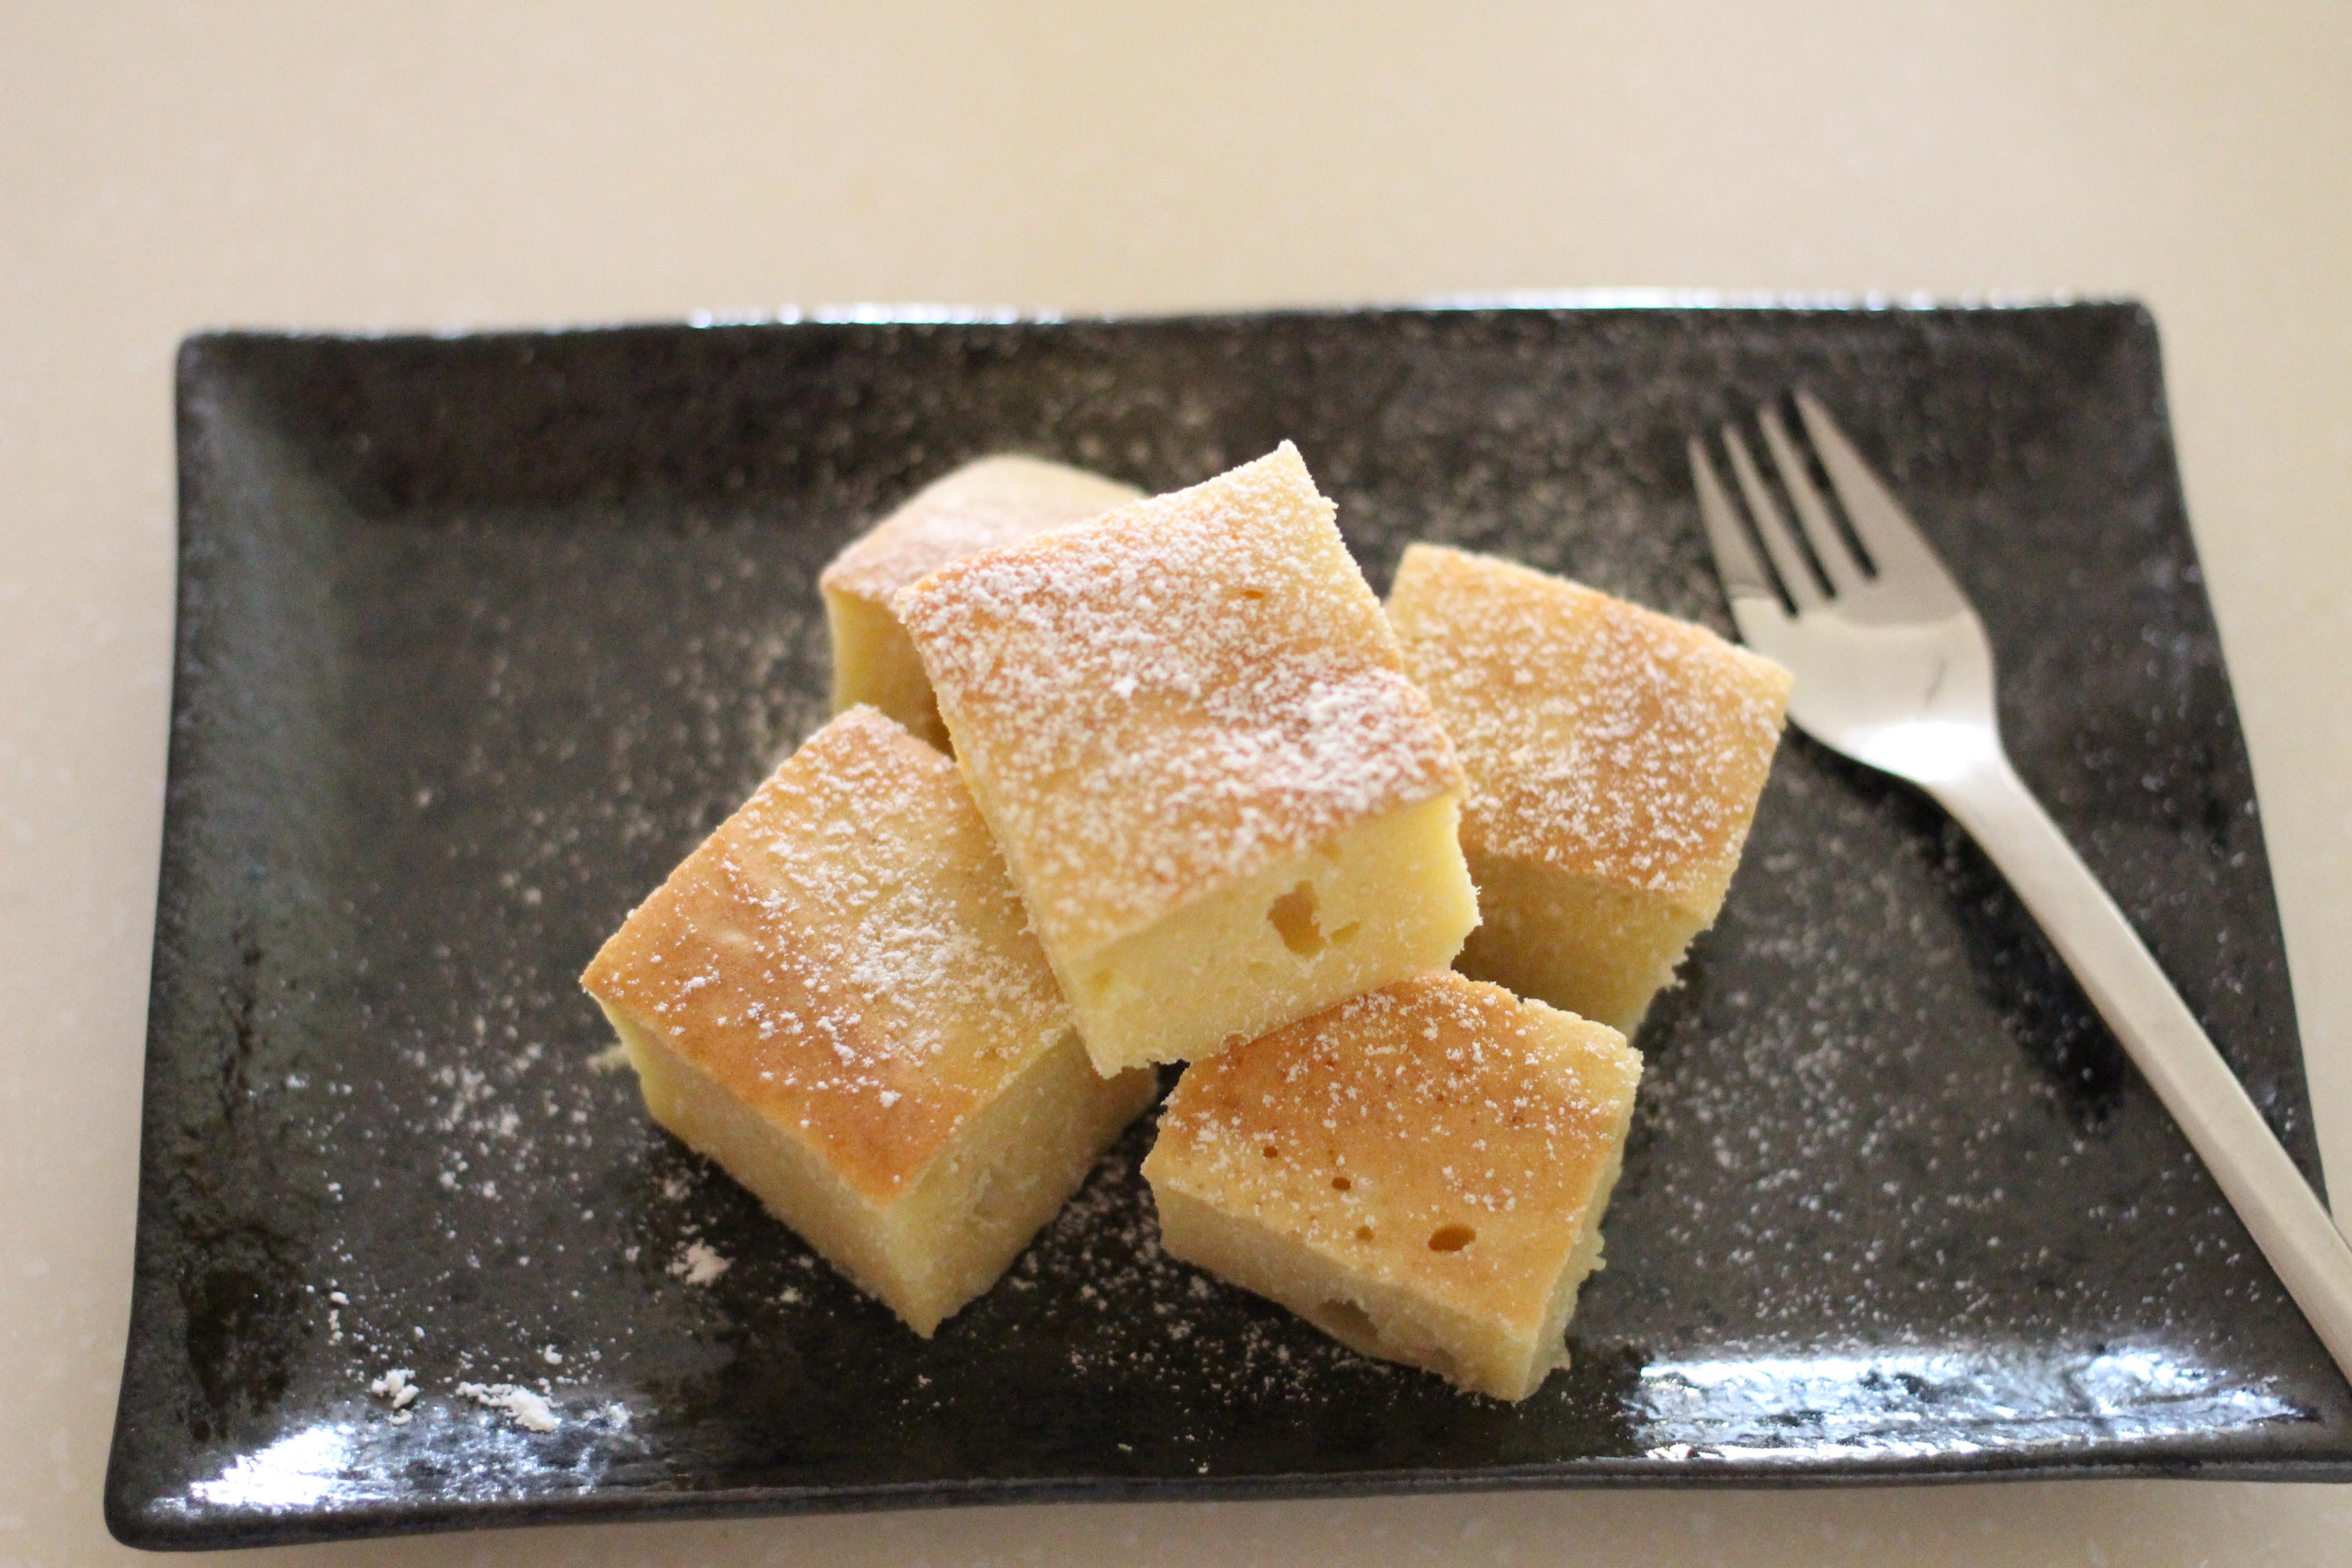 炊飯器で作るふわもちパンケーキ